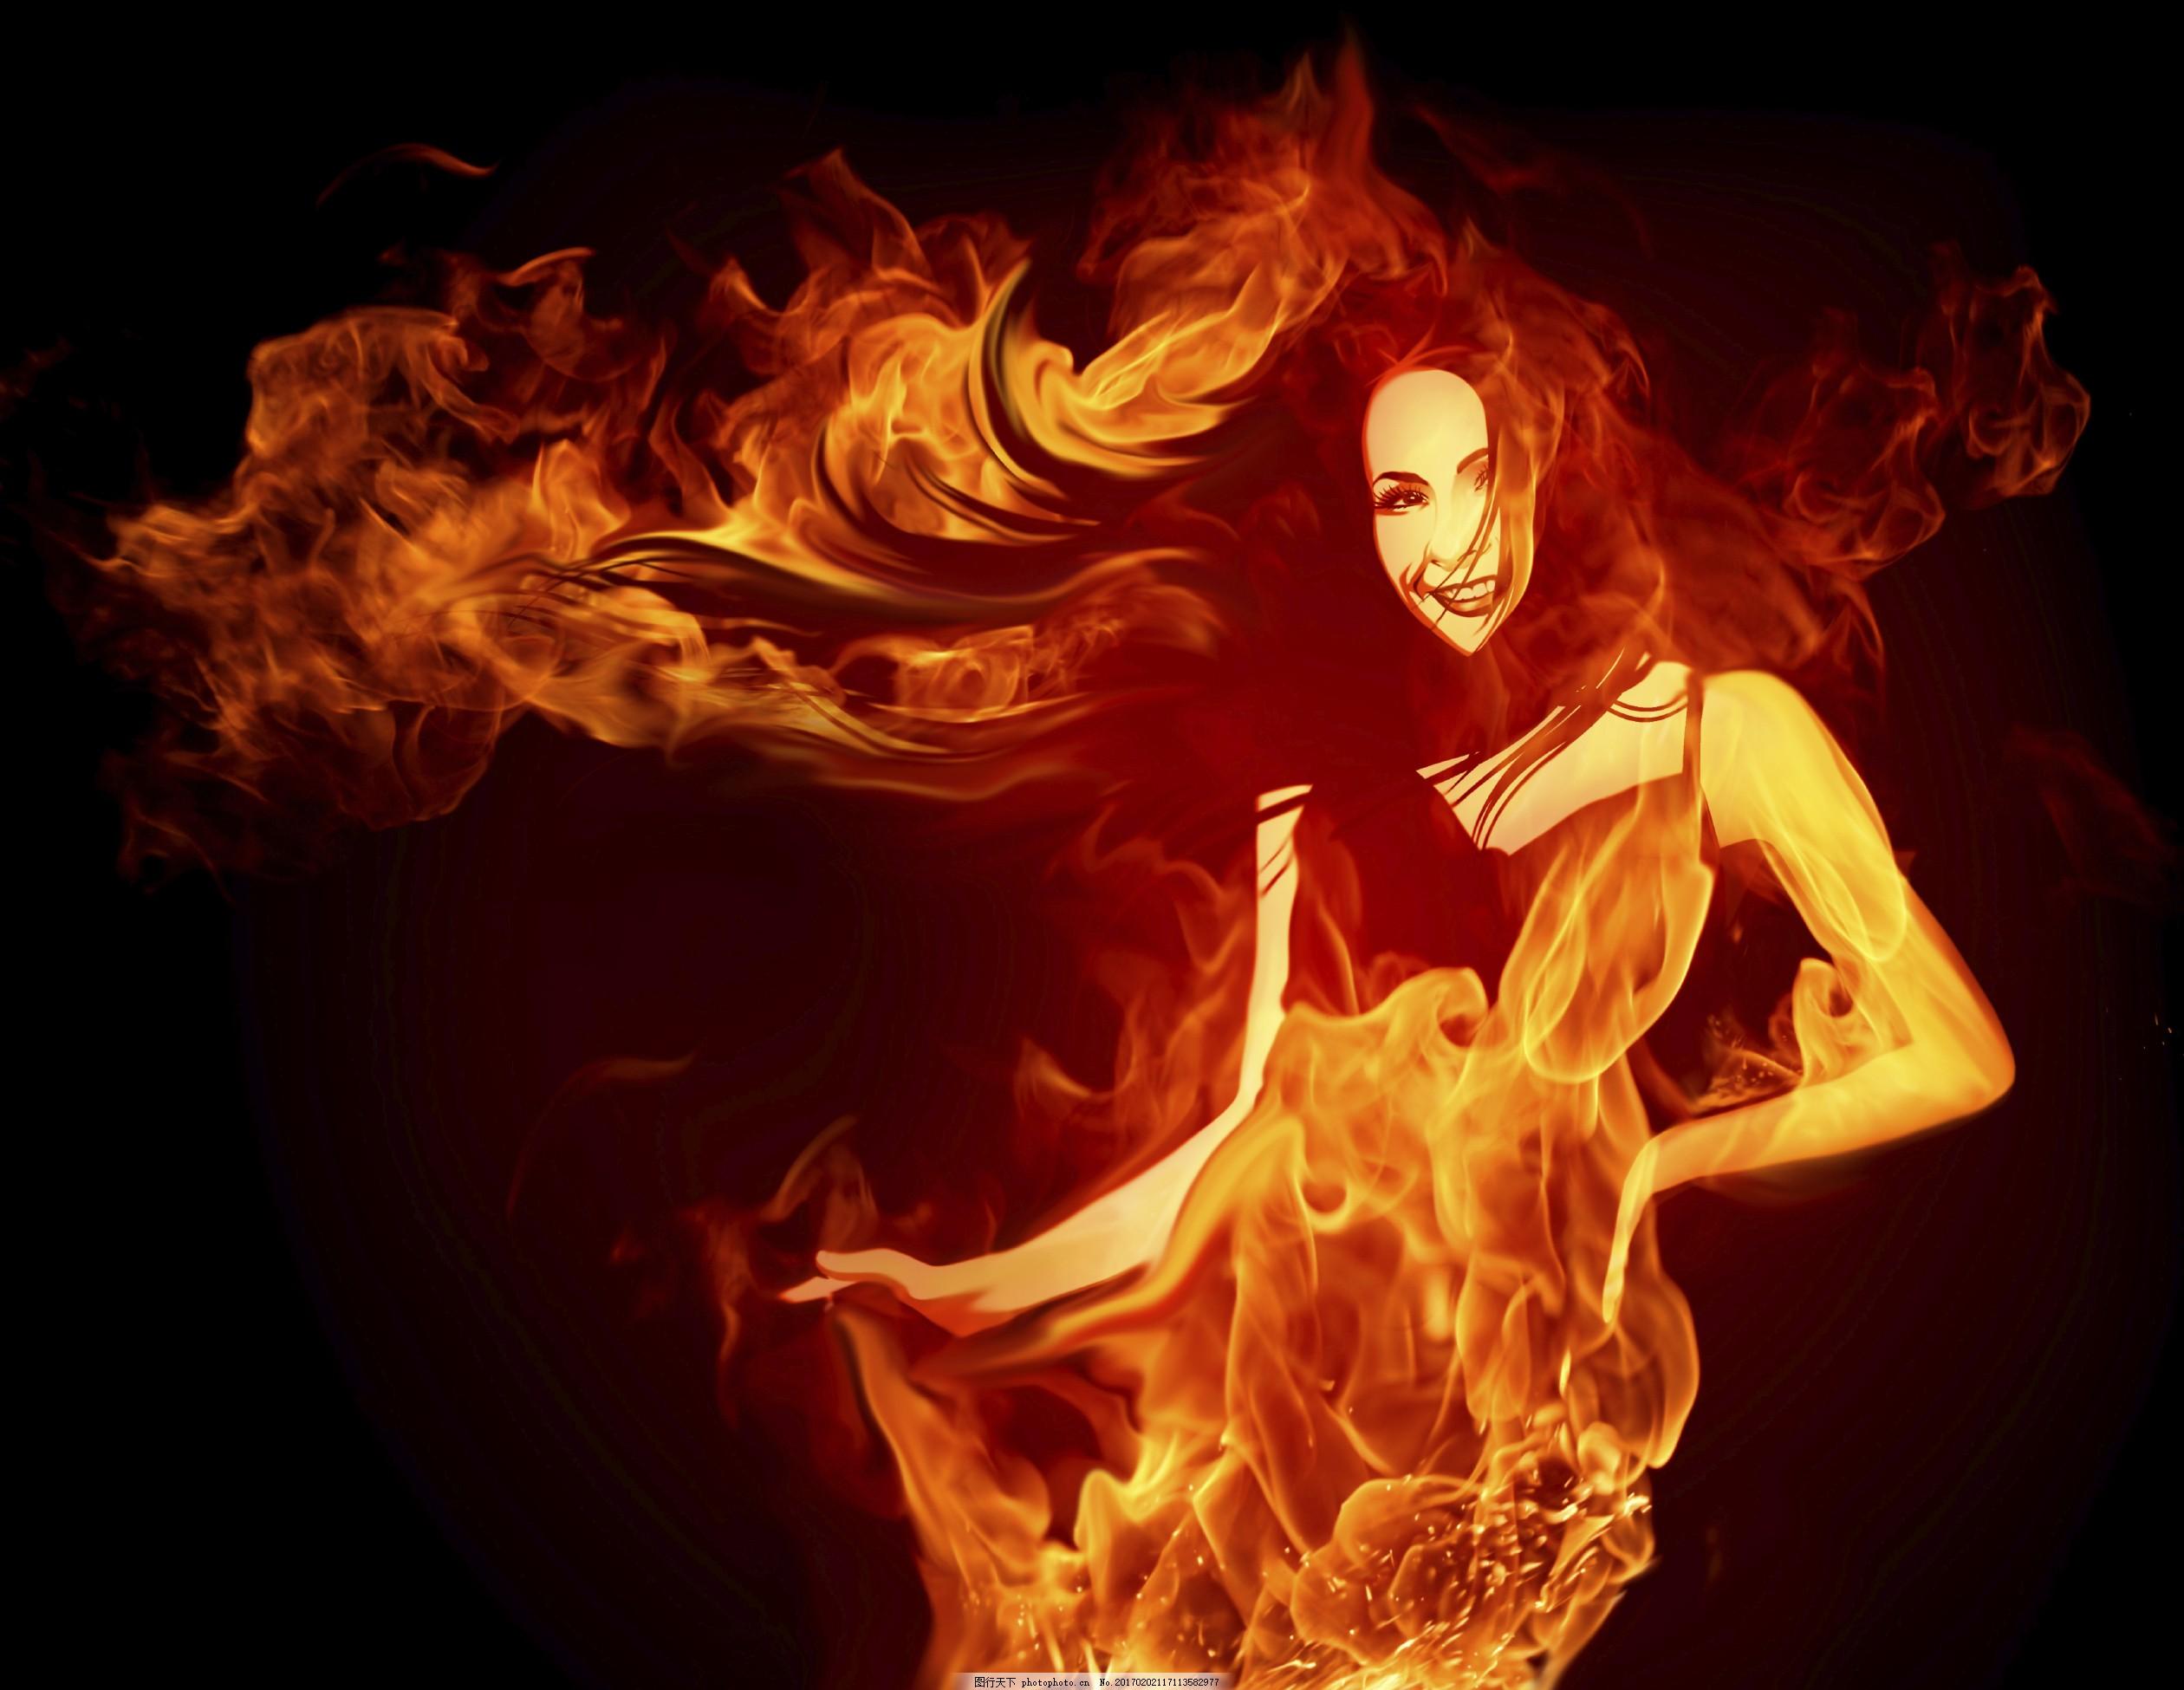 燃烧的性感美女图片素材 火焰 燃烧 熊熊烈火 烟雾 性感美女 冰水烈火